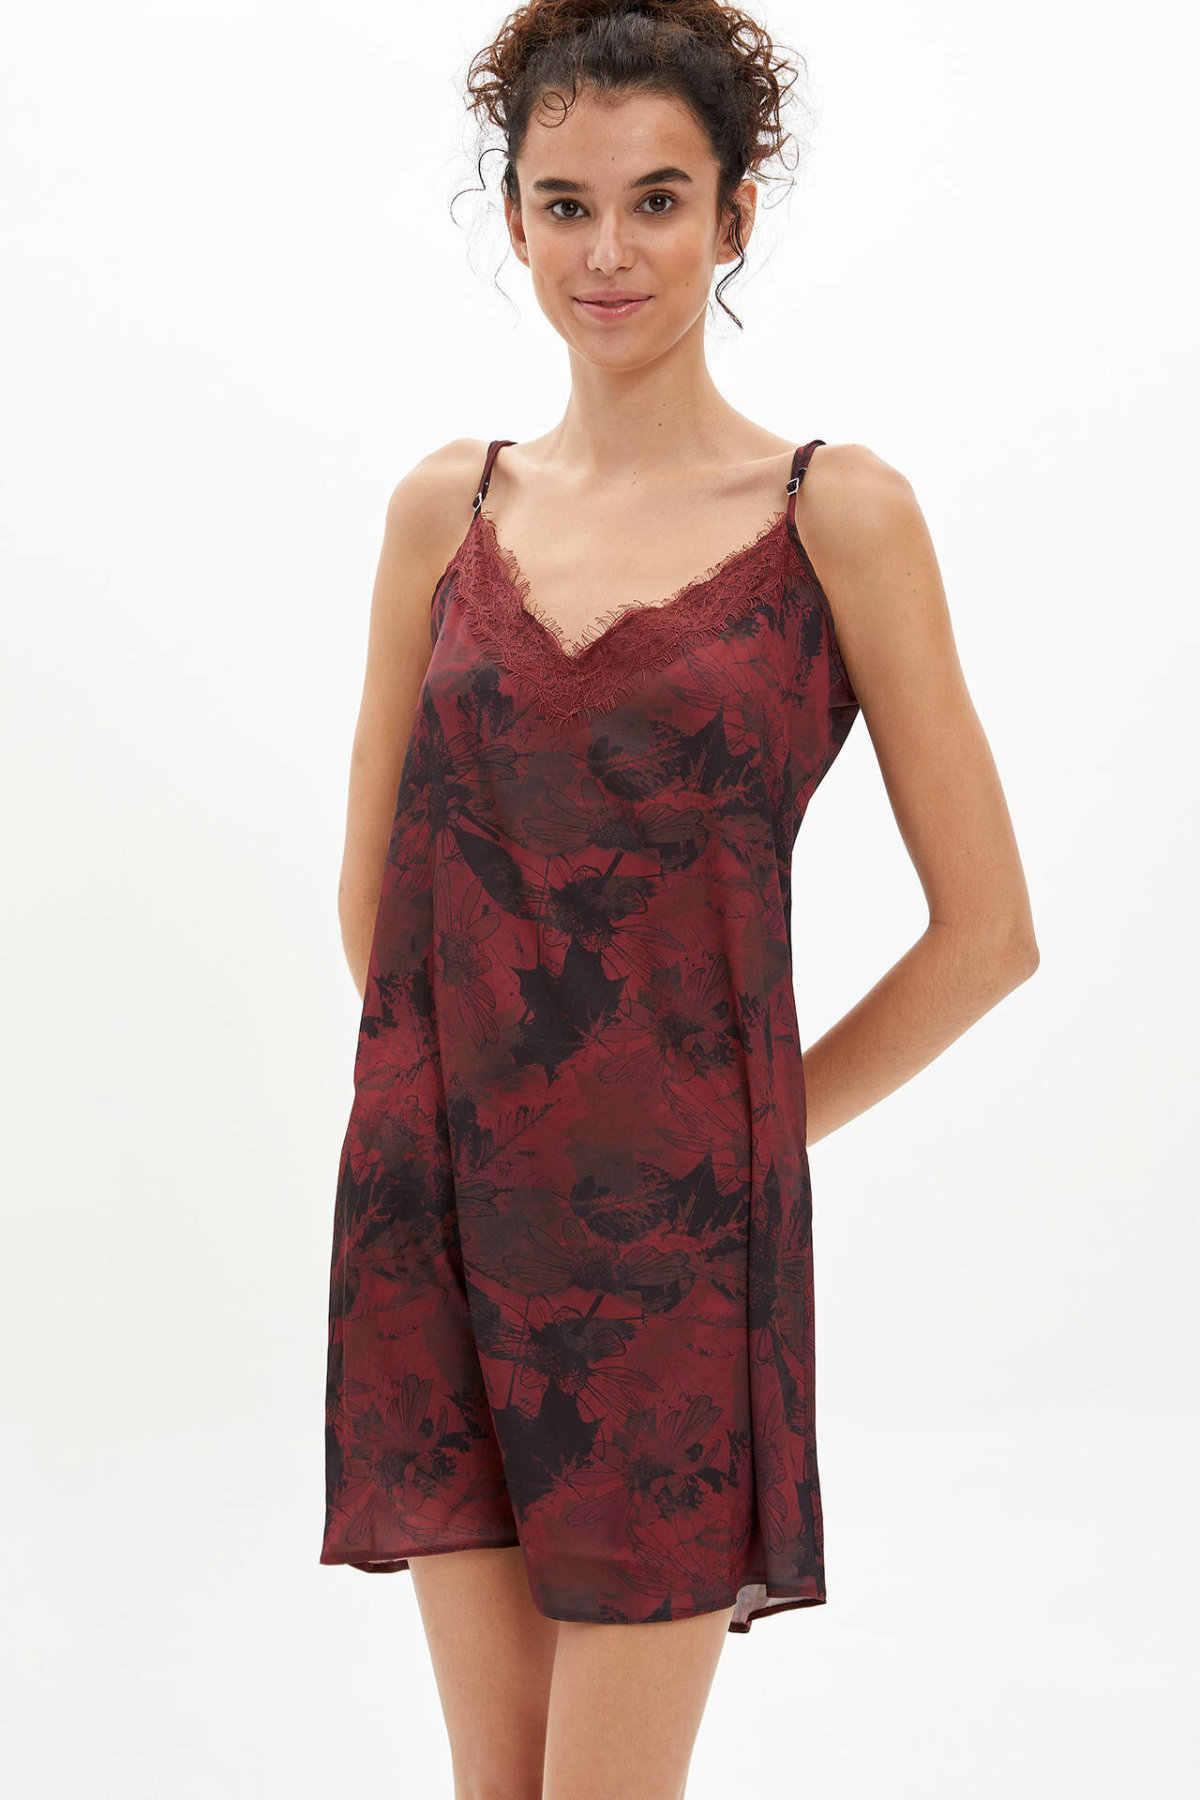 Mini pijama de verano de mujer corto con estampado Casual y escote en V de deacto Sexy-M5454AZ19AU